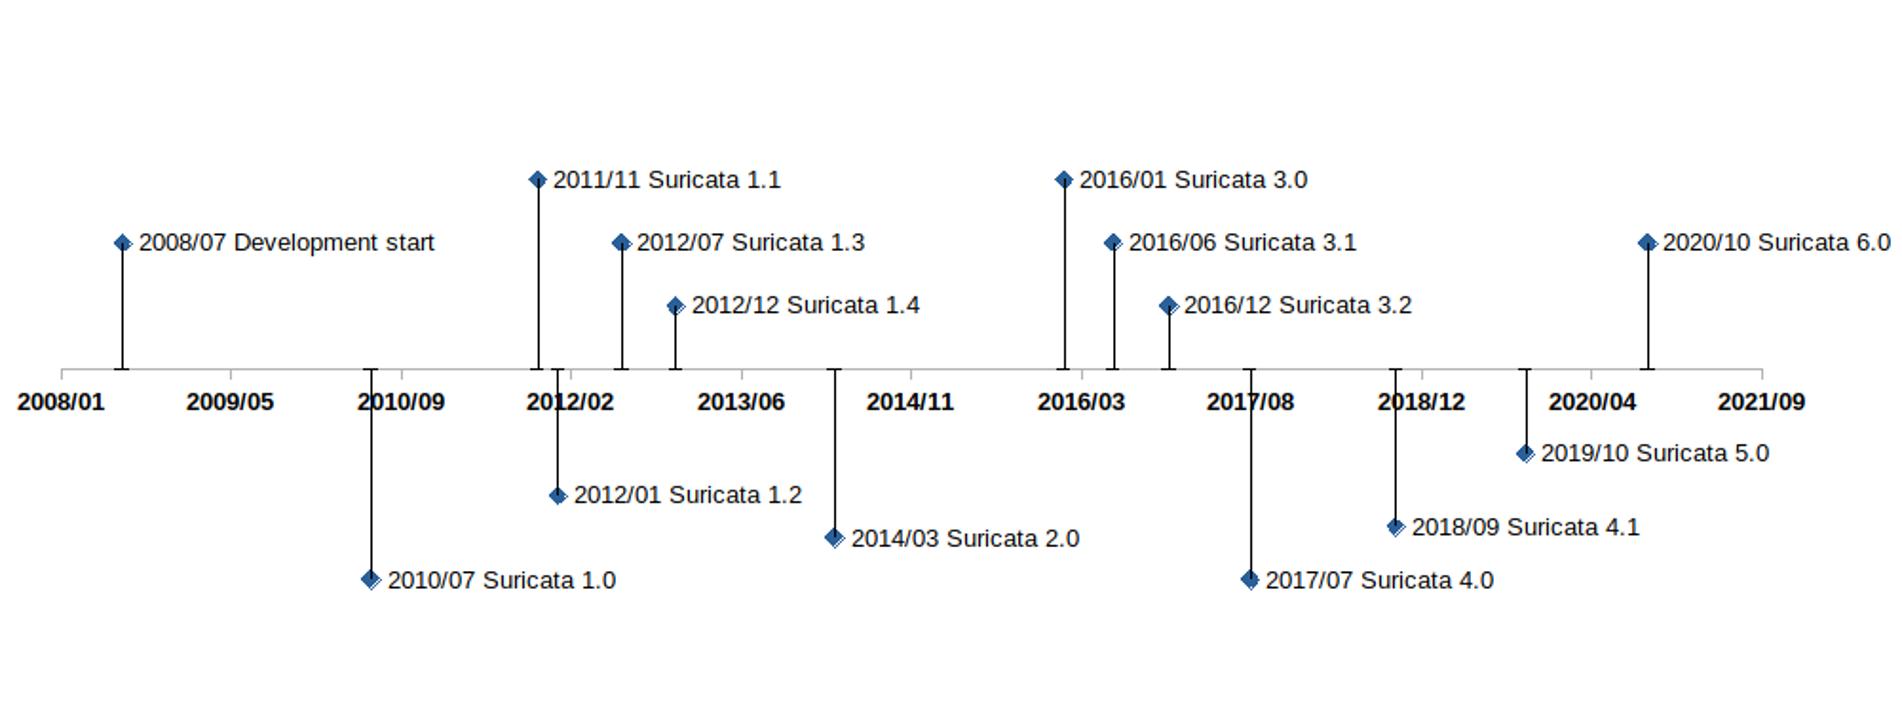 Suricata 12 Year Timeline